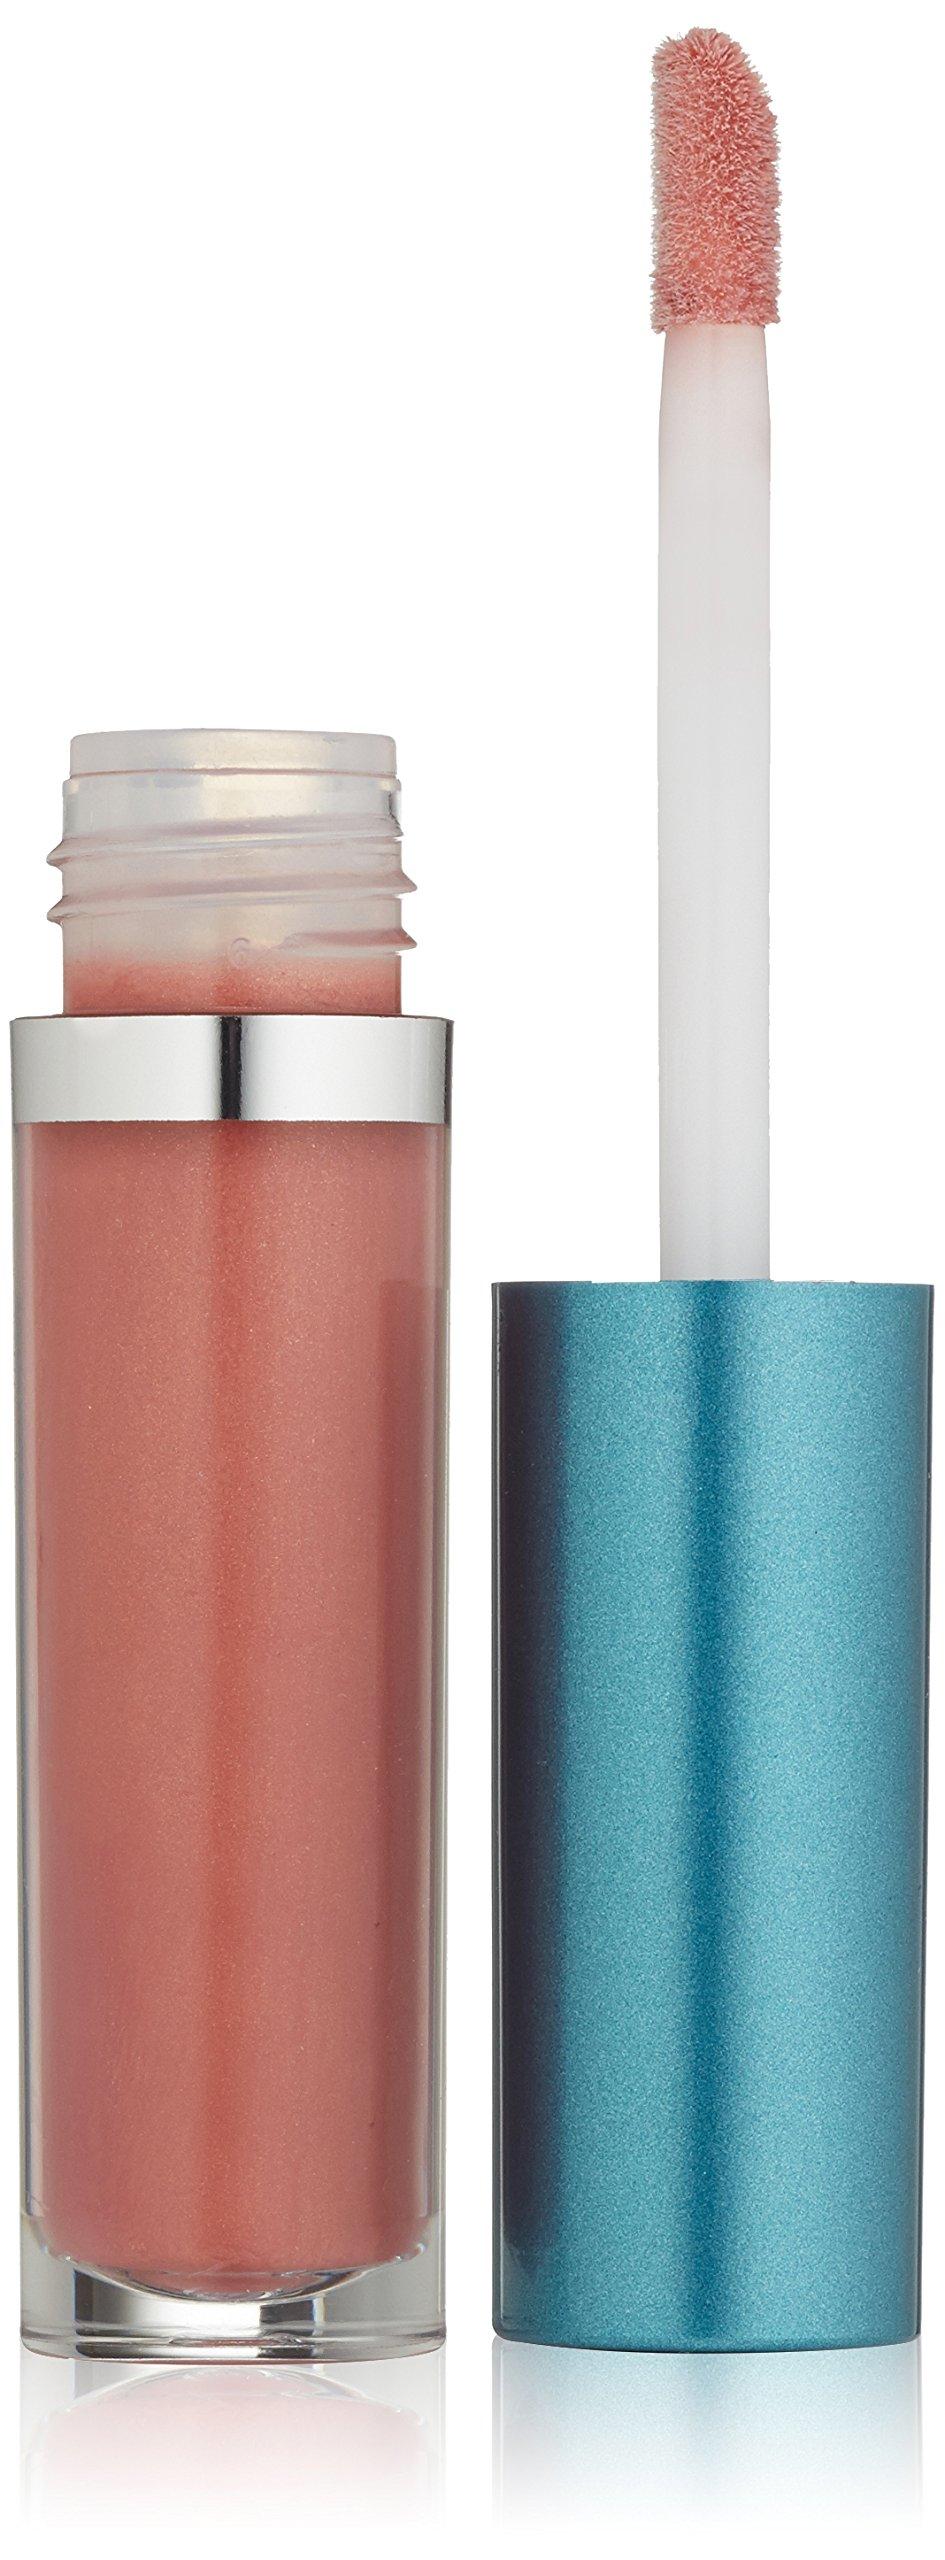 Lip Shine SPF 35 by colorescience #16